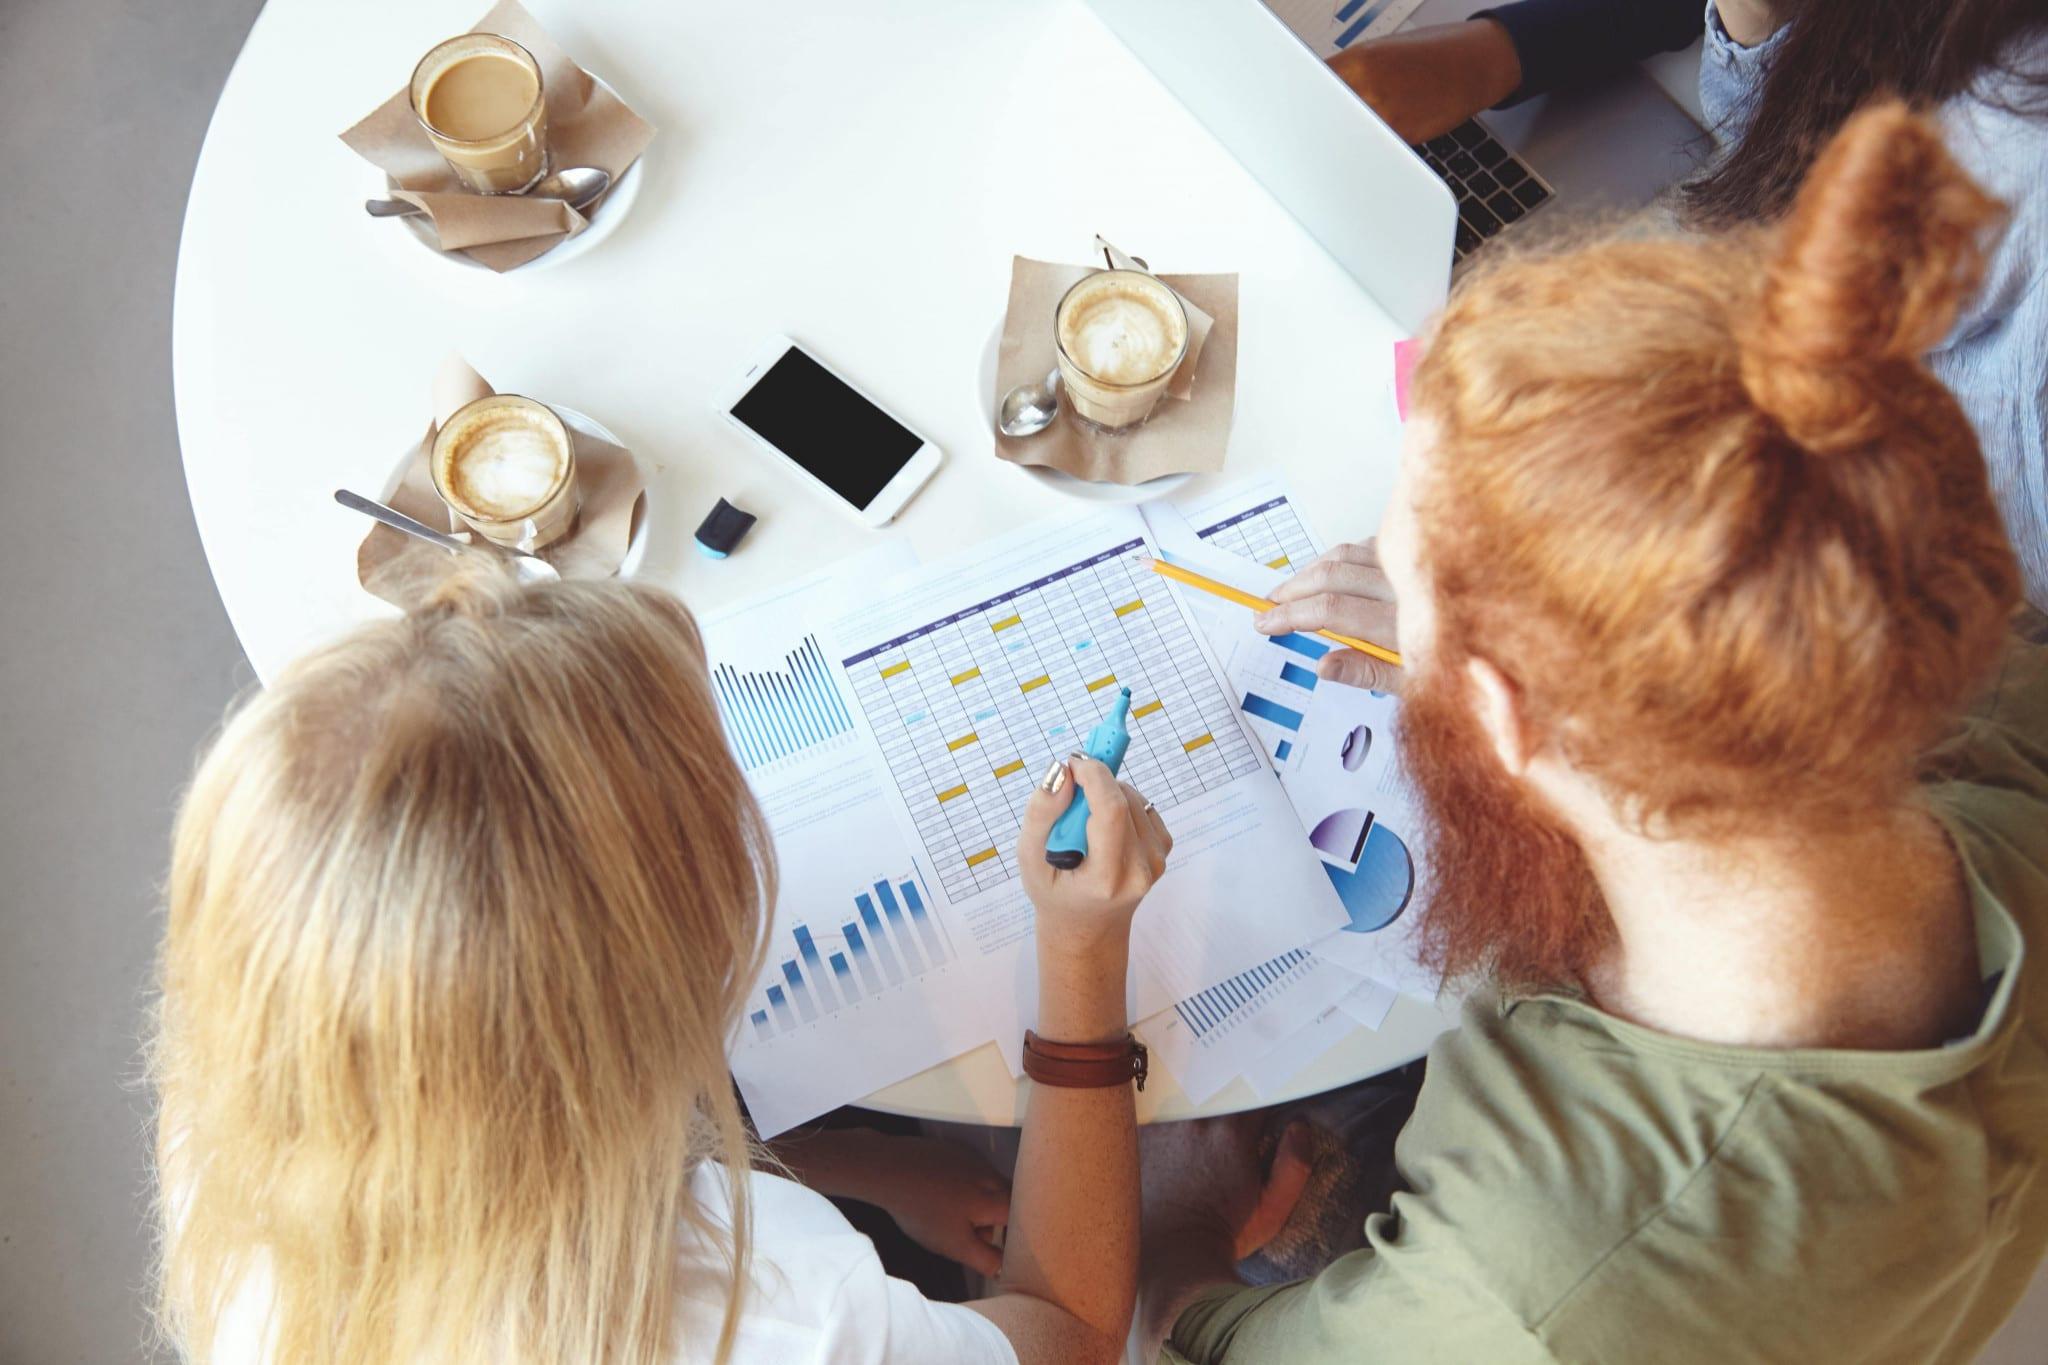 Passer du salariat à l'entrepreneuriat : est-ce le bon choix ?